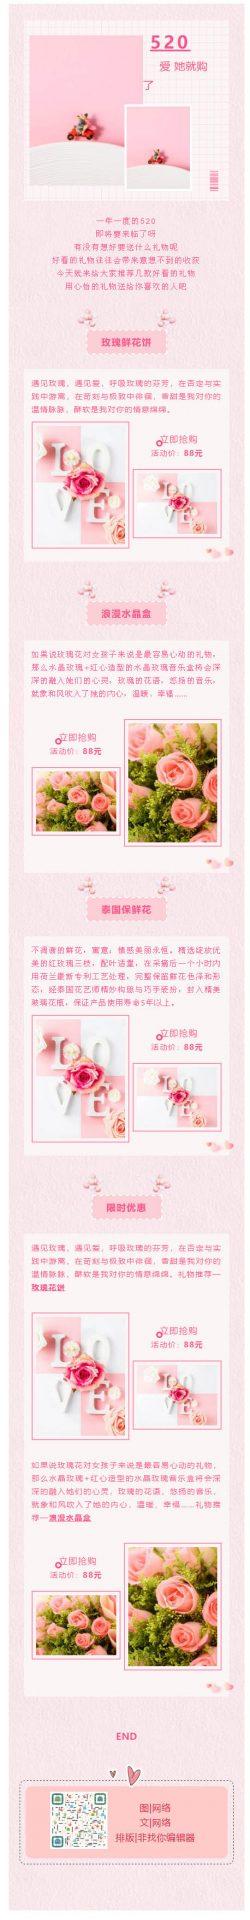 520电商微商模板鲜花店礼品店微信模板推文图文推送文章素材